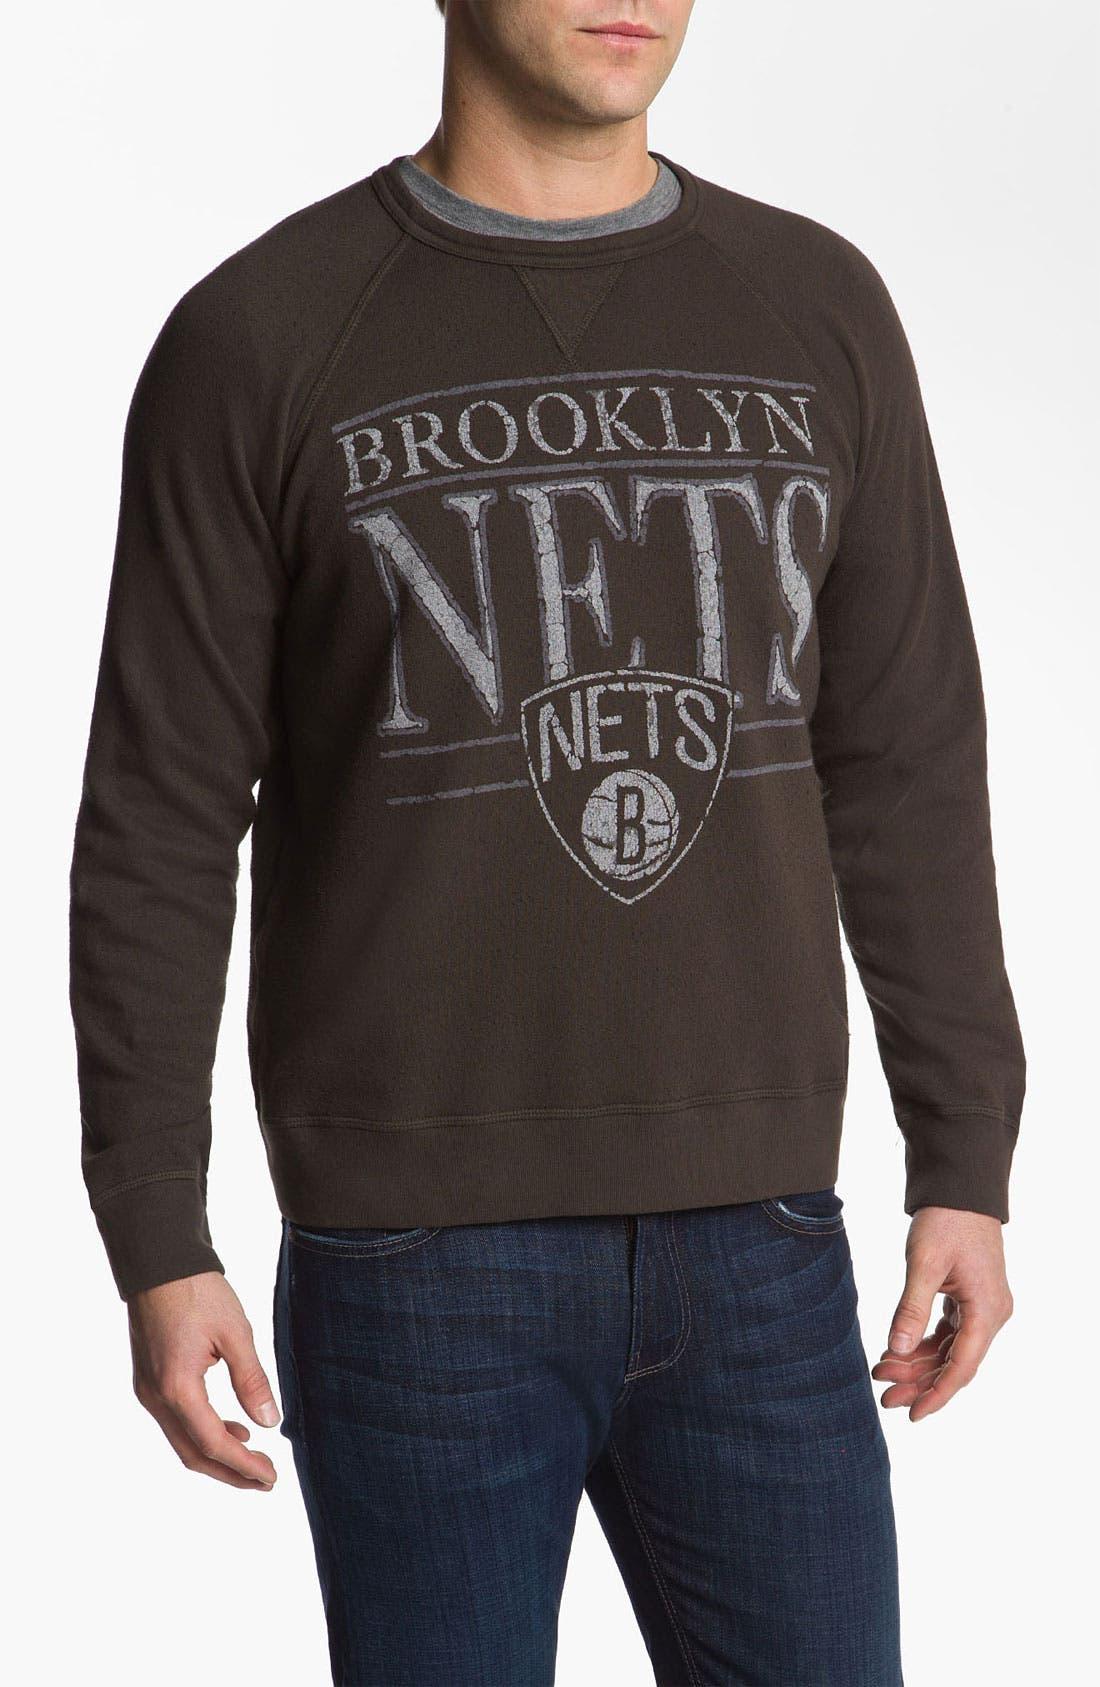 Main Image - Junk Food 'Brooklyn Nets' Sweatshirt